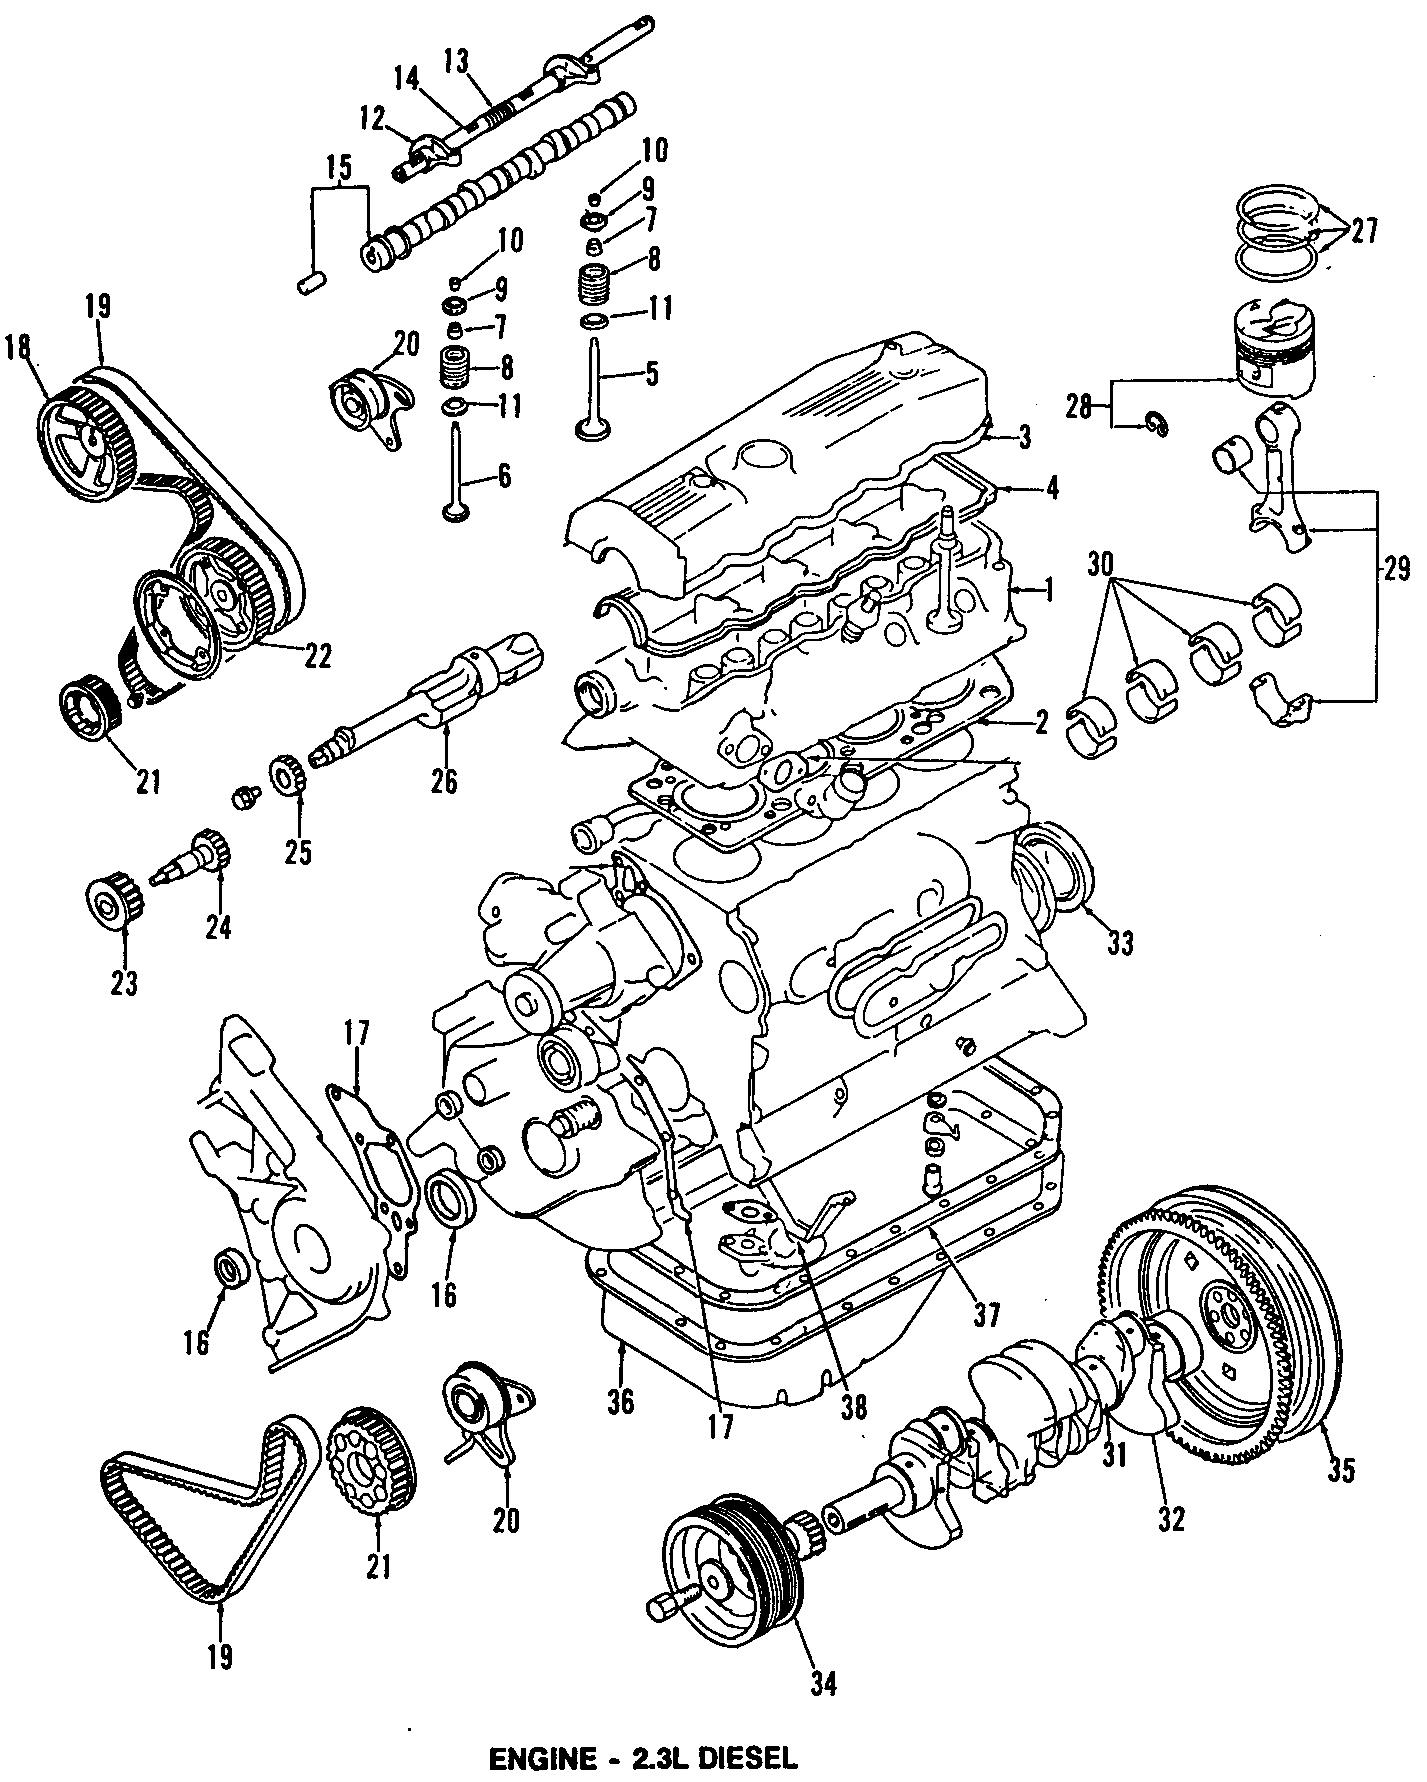 Ford Ranger Front mount. 2.3 LITER DIESEL, front, 2WD